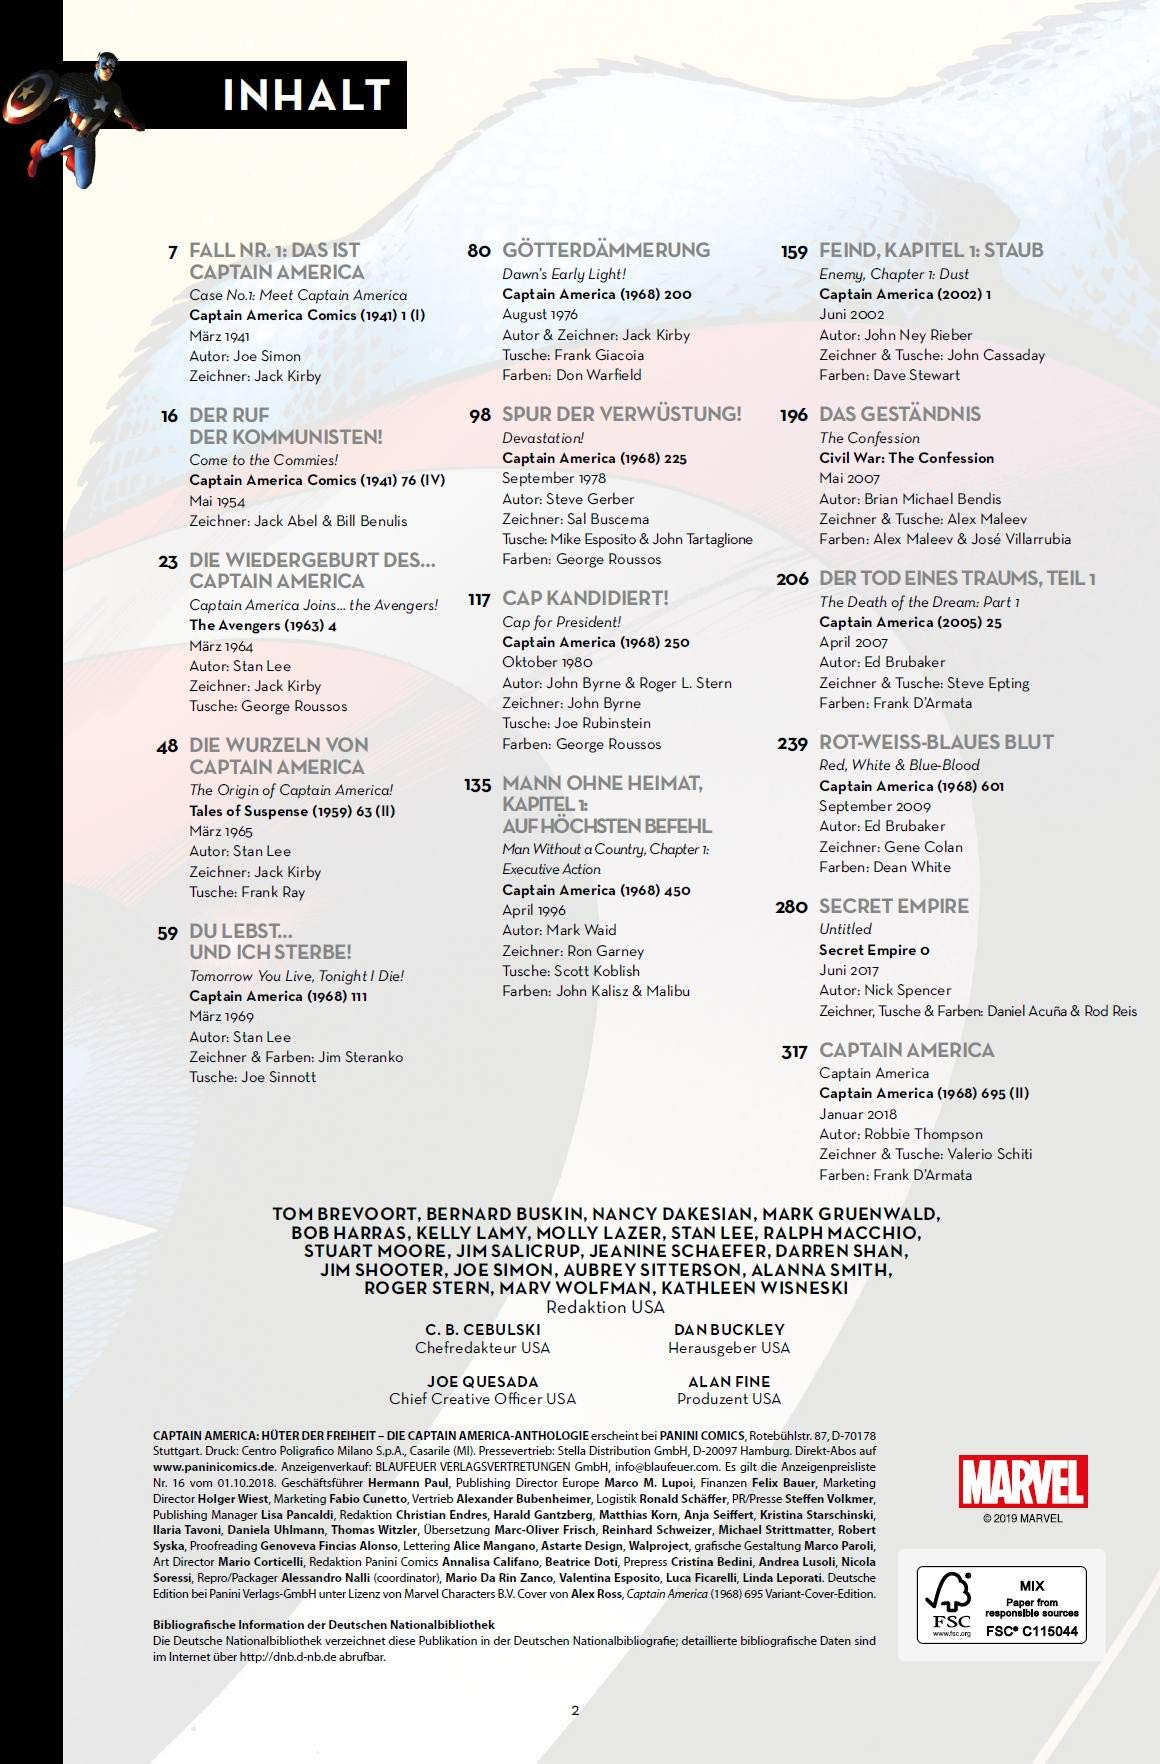 Captain America Anthologie: Hüter der Freiheit: Amazon.es ...